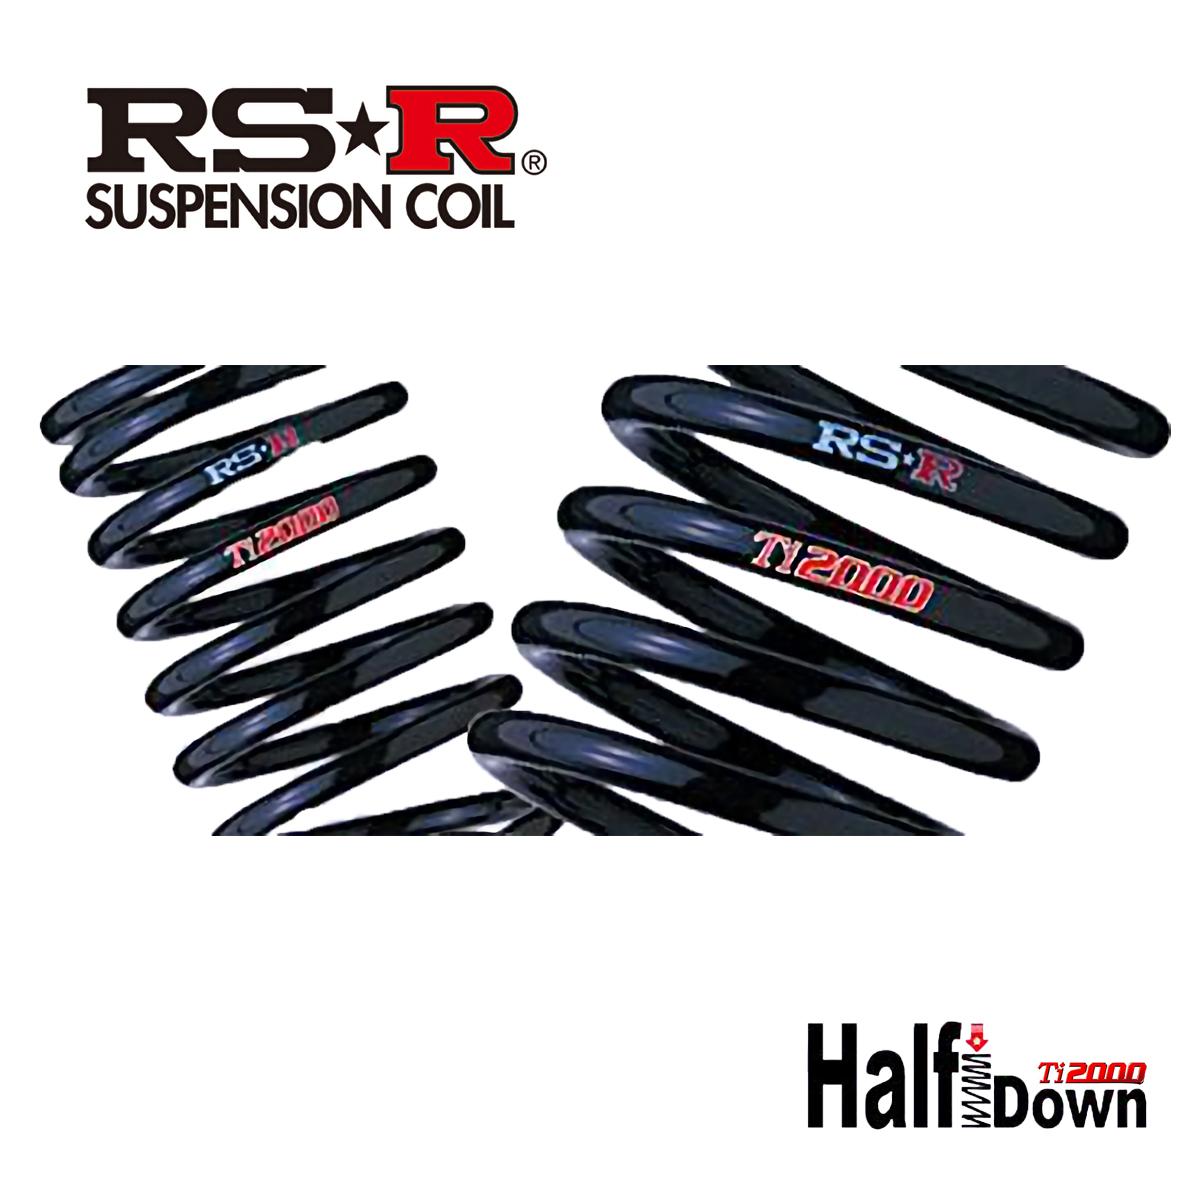 RS-R エブリィワゴン PZターボ DA17W ダウンサス スプリング リアのみ S650THDR Ti2000 ハーフダウン RSR 個人宅発送追金有